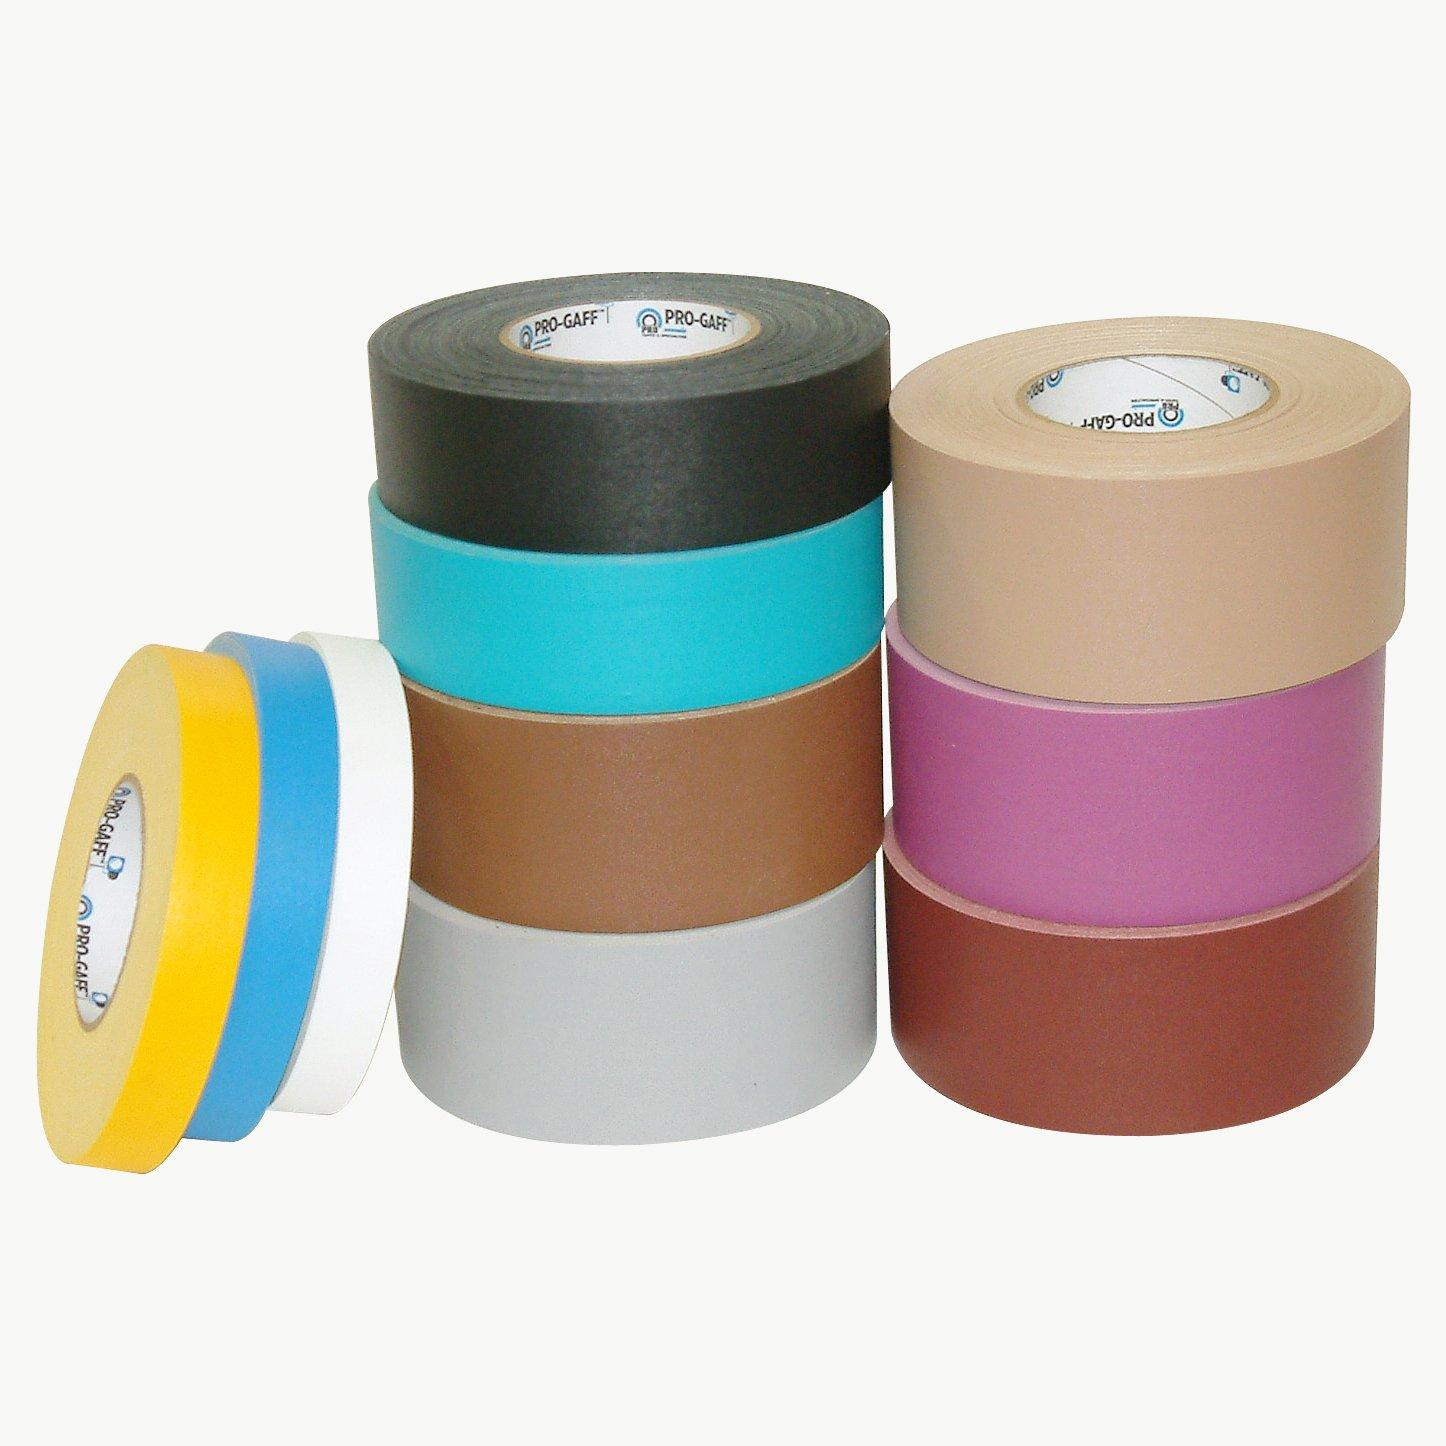 Pro Tapes Pro-Gaff/BLU360 Pro-Gaff Gaffers Tape: 3'' x 55 yd.